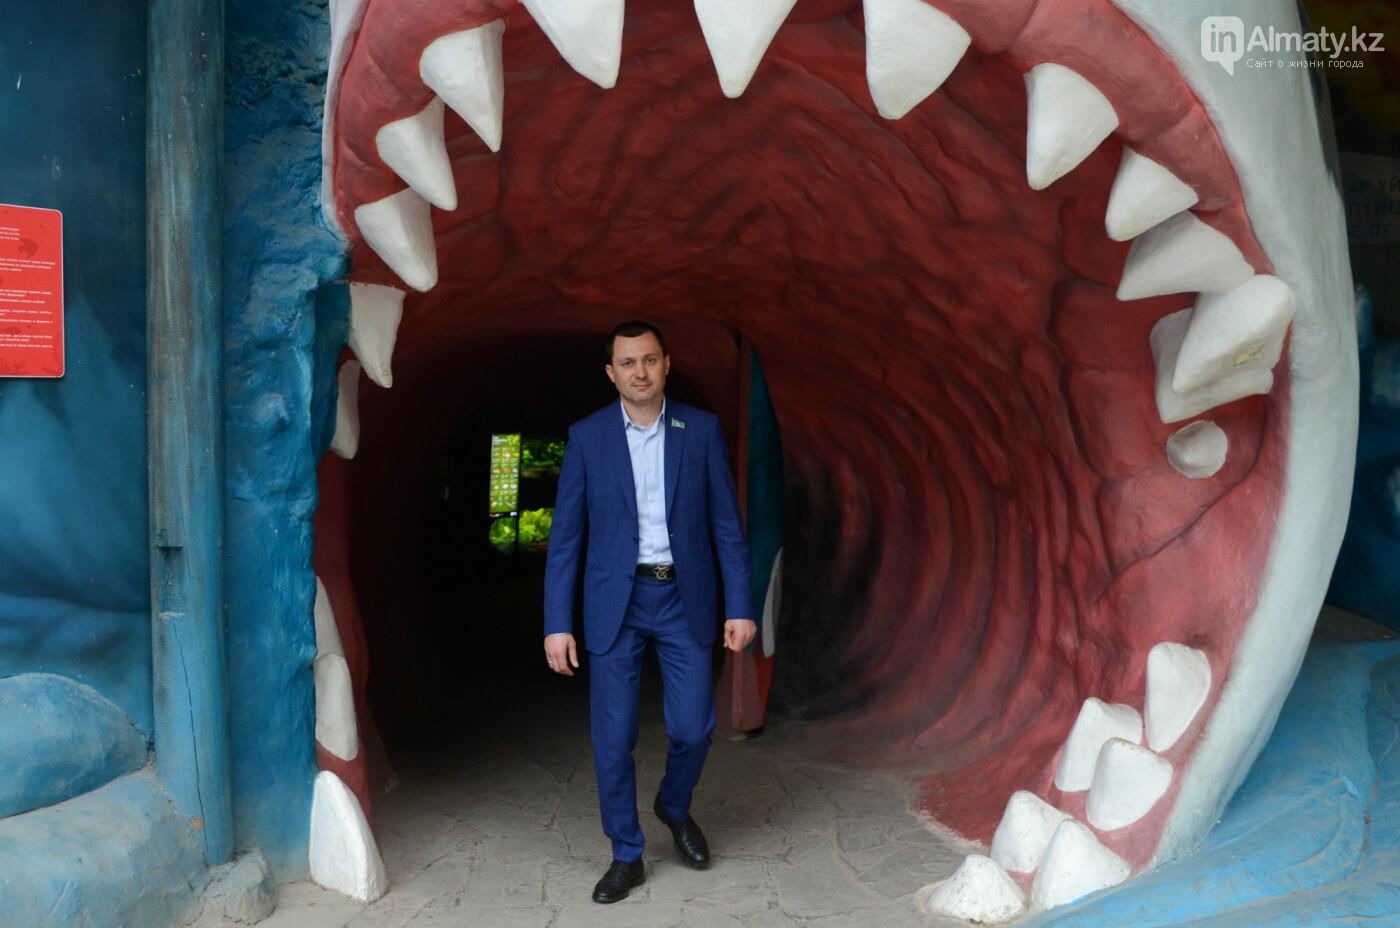 Барсы могут появиться здесь осенью: интервью нового директора Алматинского зоопарка, фото-5